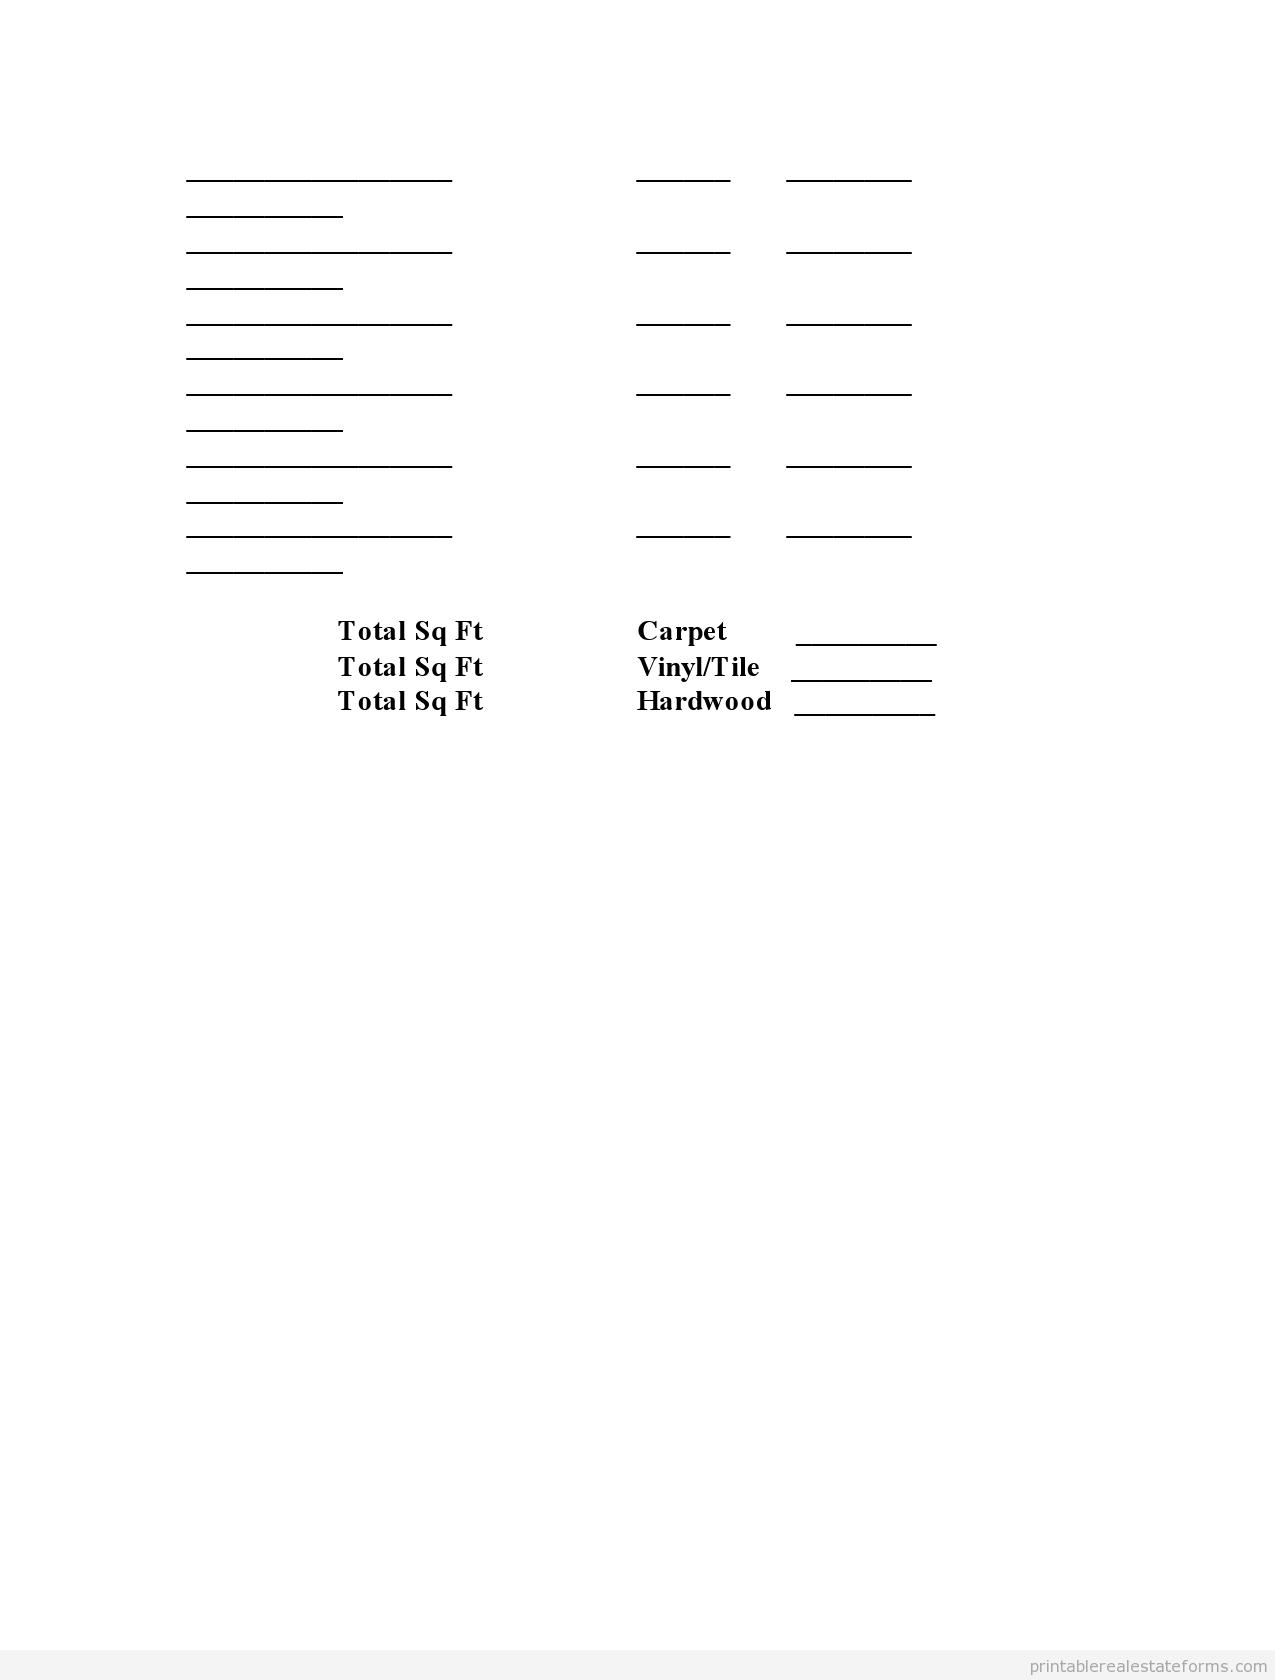 Printable Prop Insp Flooring Estimate Worksheet Template